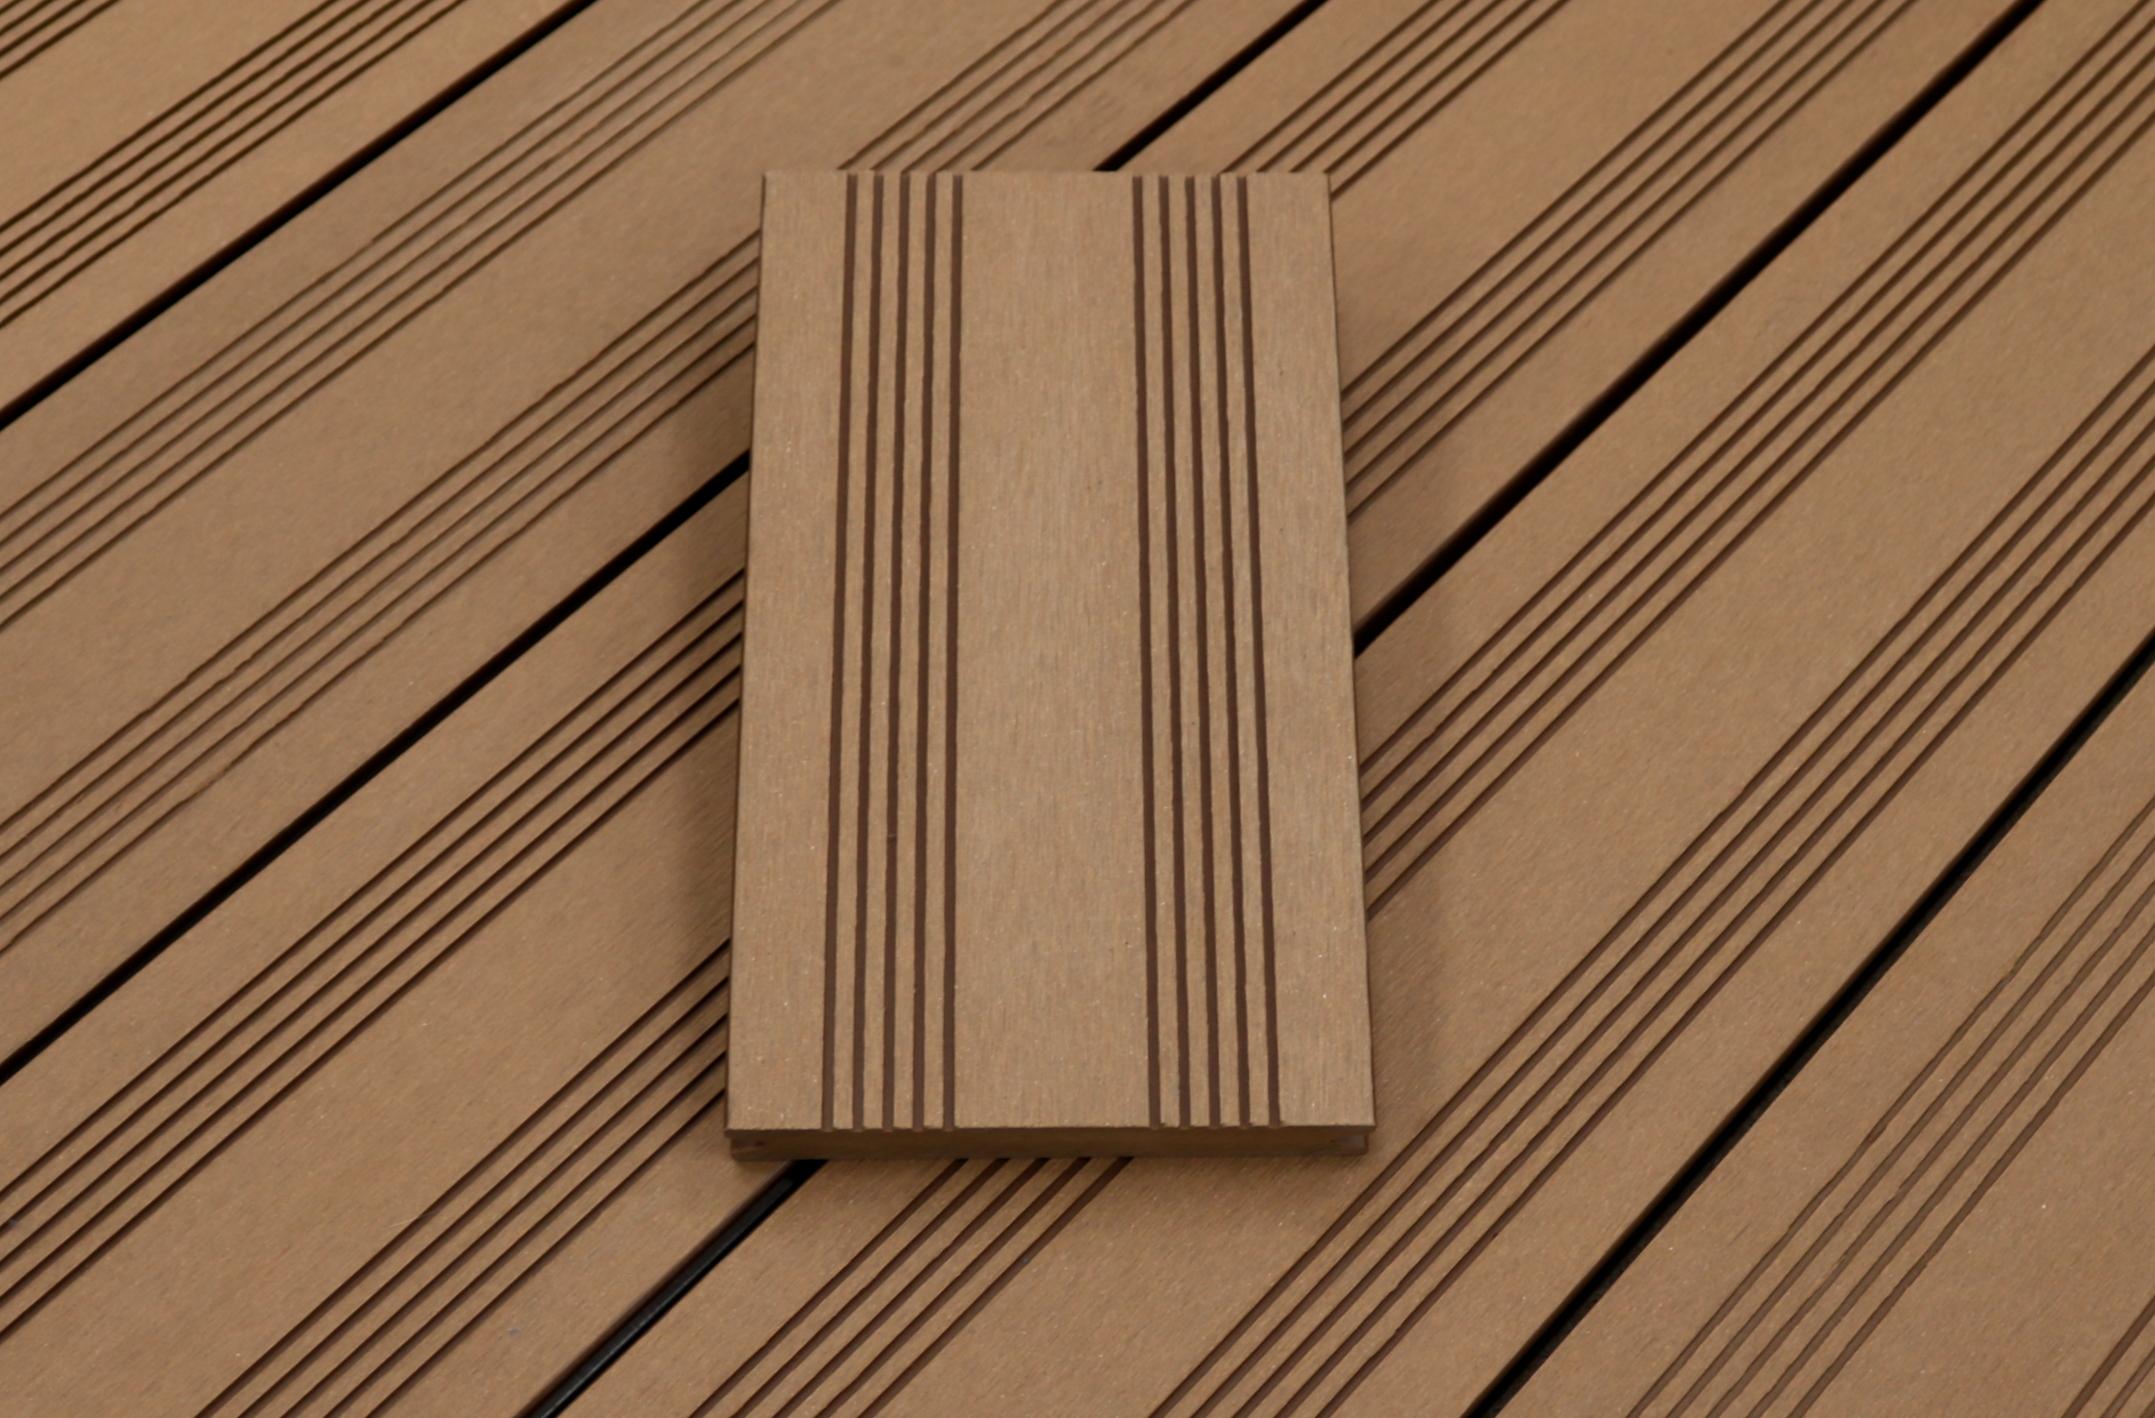 WPC Terrassendielen massiv, Oberfläche mit französischem Profil, Farbton hellbraun, Vollprofil, 22 x 143 bis 4800 mm für 7,95 €/lfm